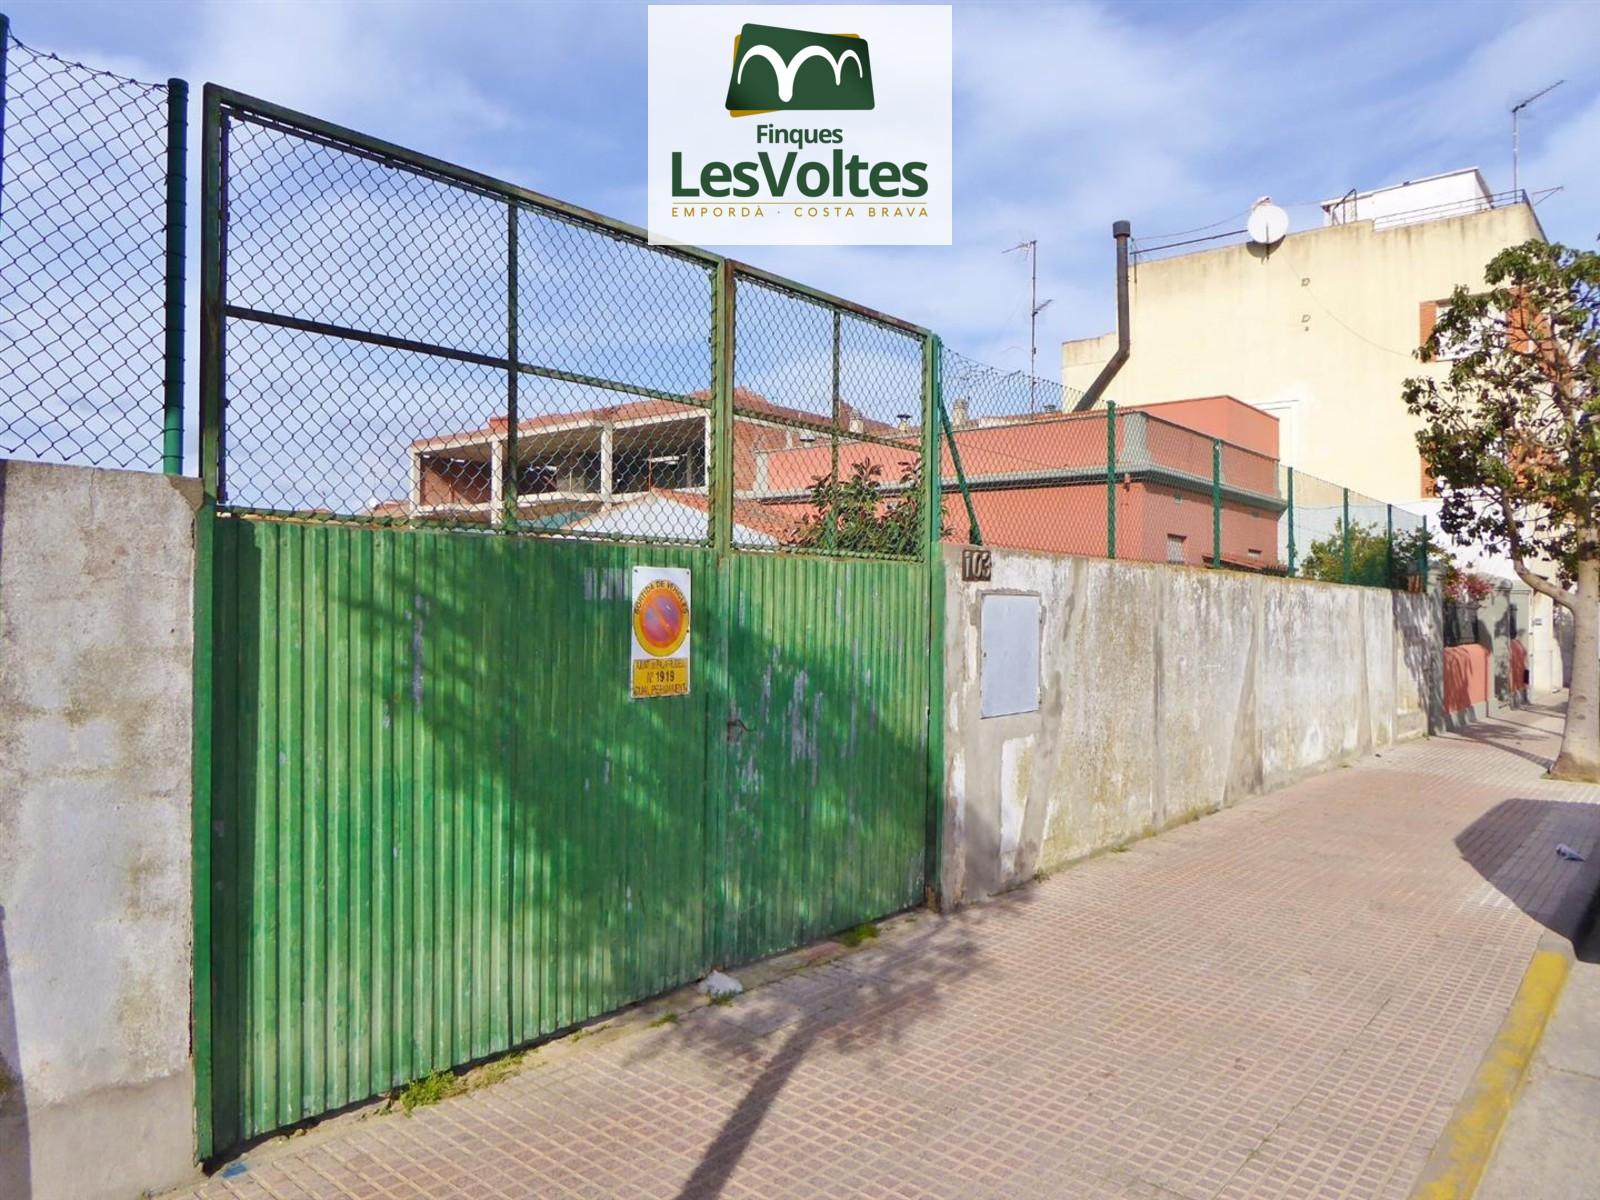 PARCEL·LA EN VENDA AL CENTRE DE PALAFRUGELL 420 M2 PER A CONSTRUIR-HI FINS A 2 CASES. MAGNÍFICA OPORTUNITAT!